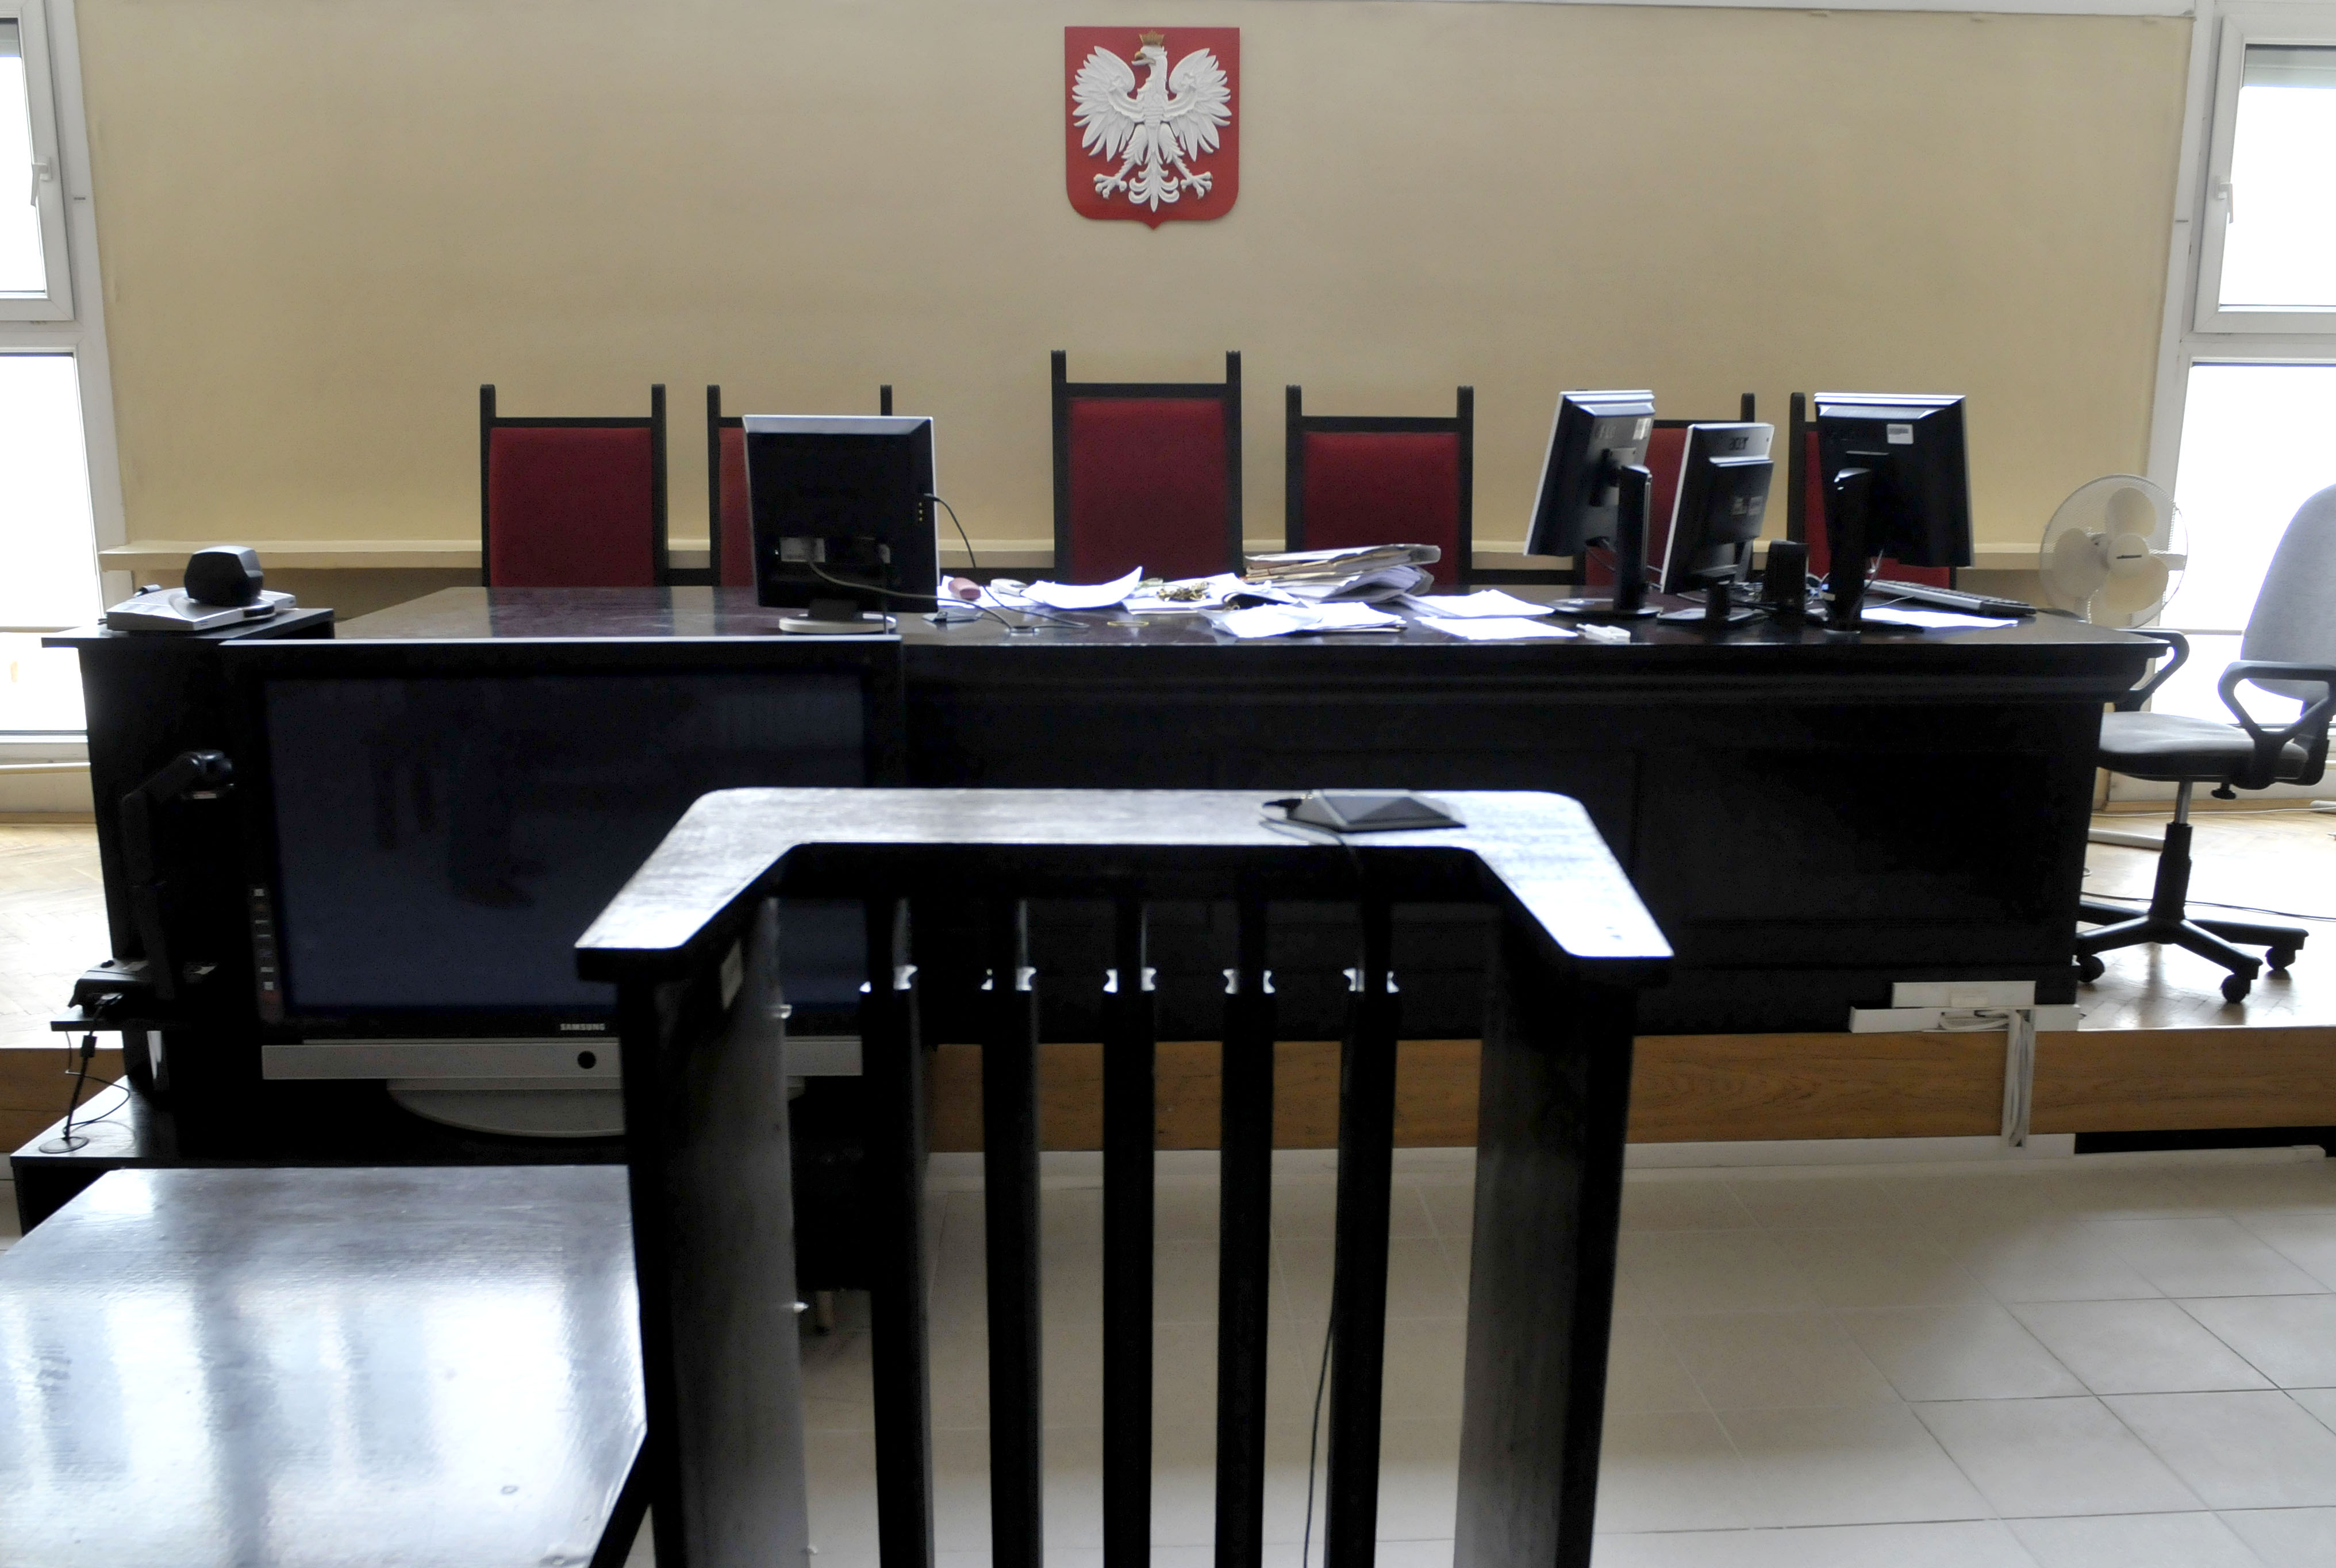 Zmiany w poznańskich sądach. Zbigniew Ziobro wymienił dwóch prezesów